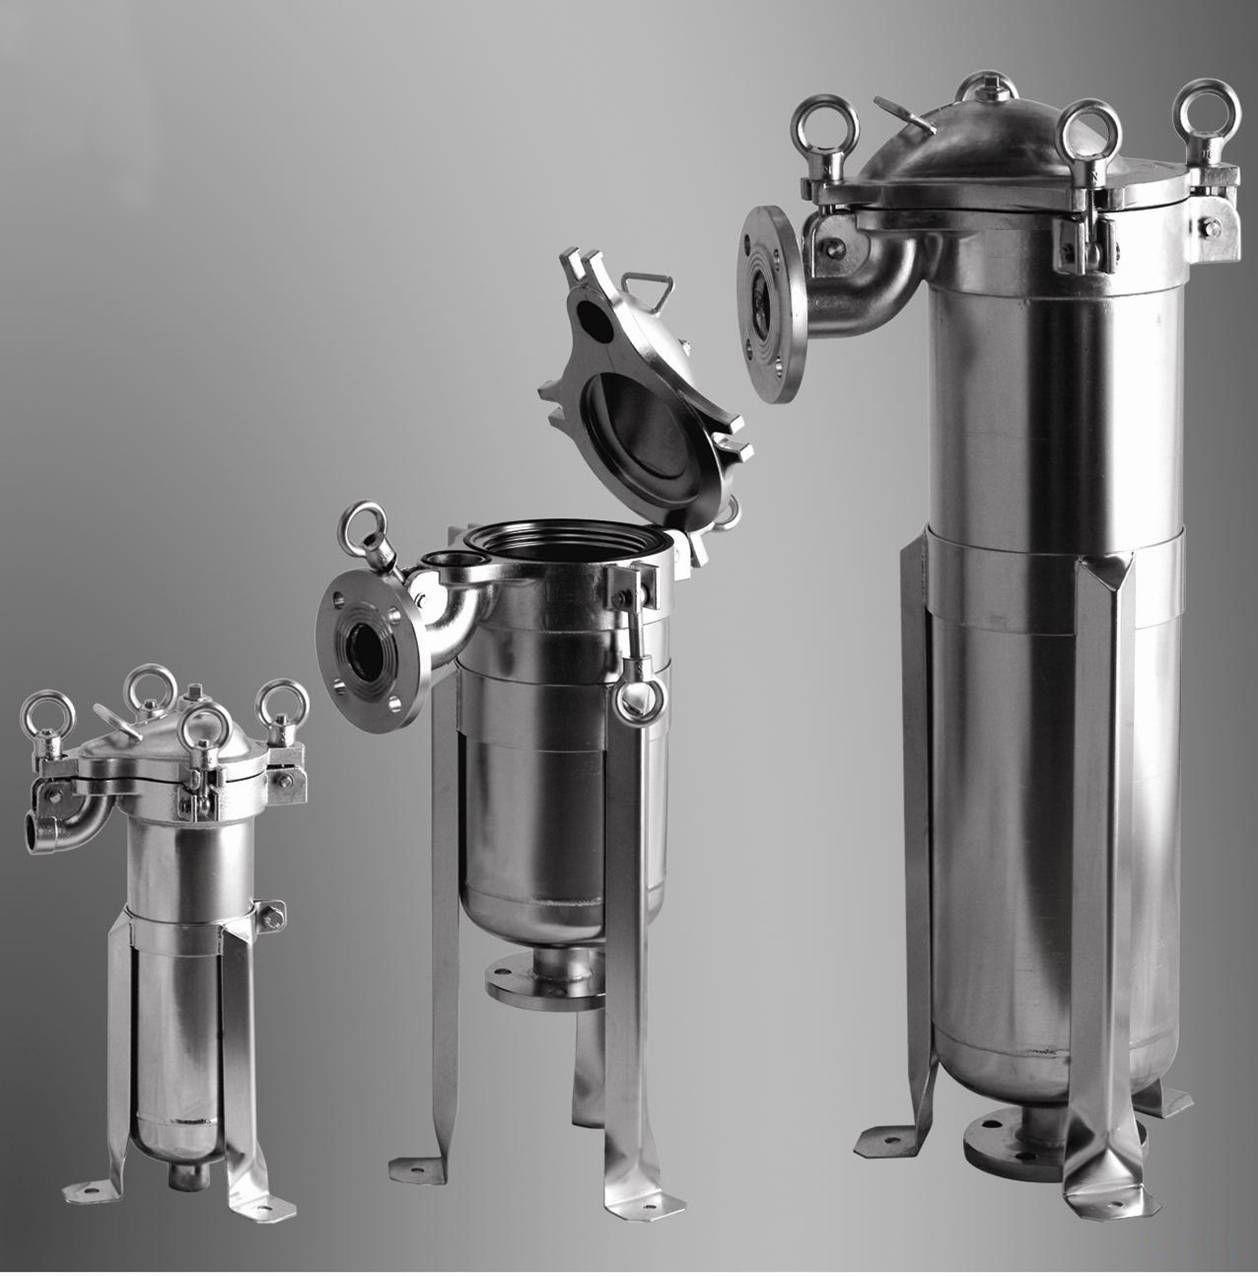 顶入式袋式过滤器的结构和工作原理